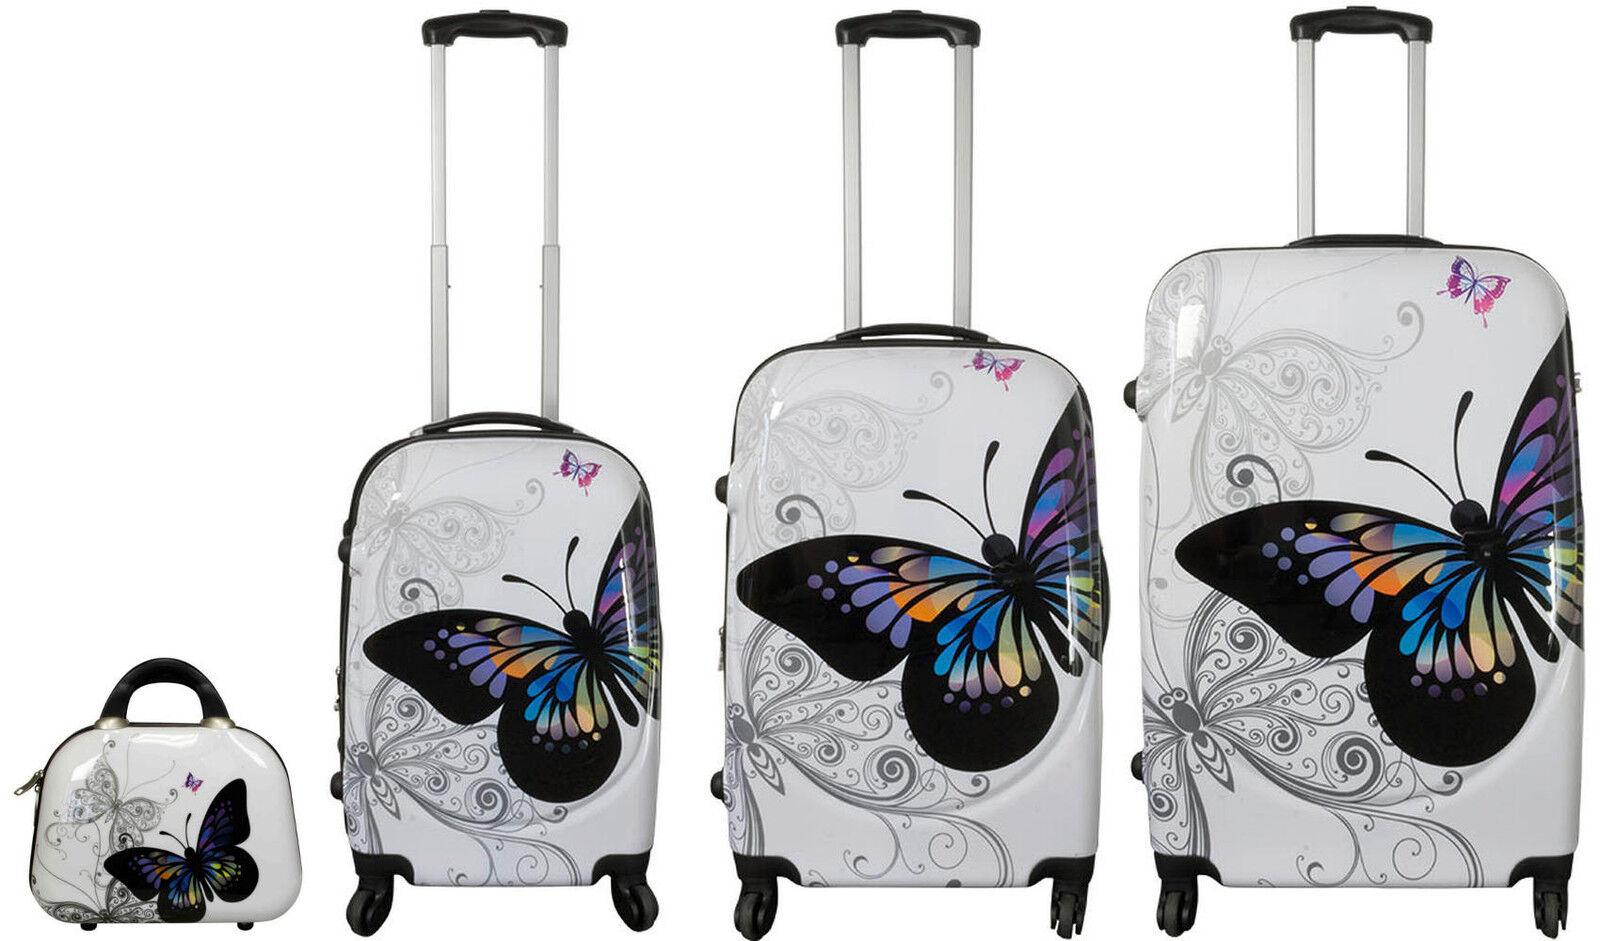 Valigia trolley carbonato rigido leggero 4 ruote bagaglio a mano borsa Butterfly